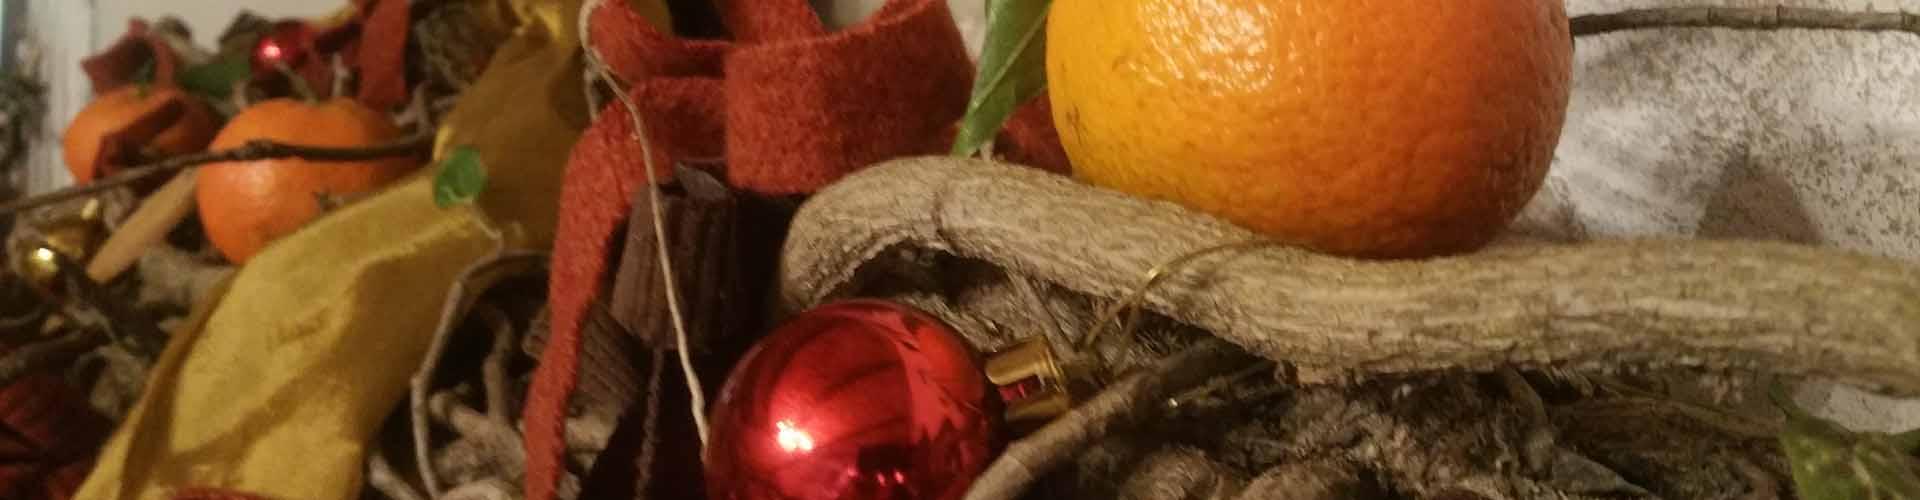 Dopo Il Natale Cosa Rimane Realmente Di Te?